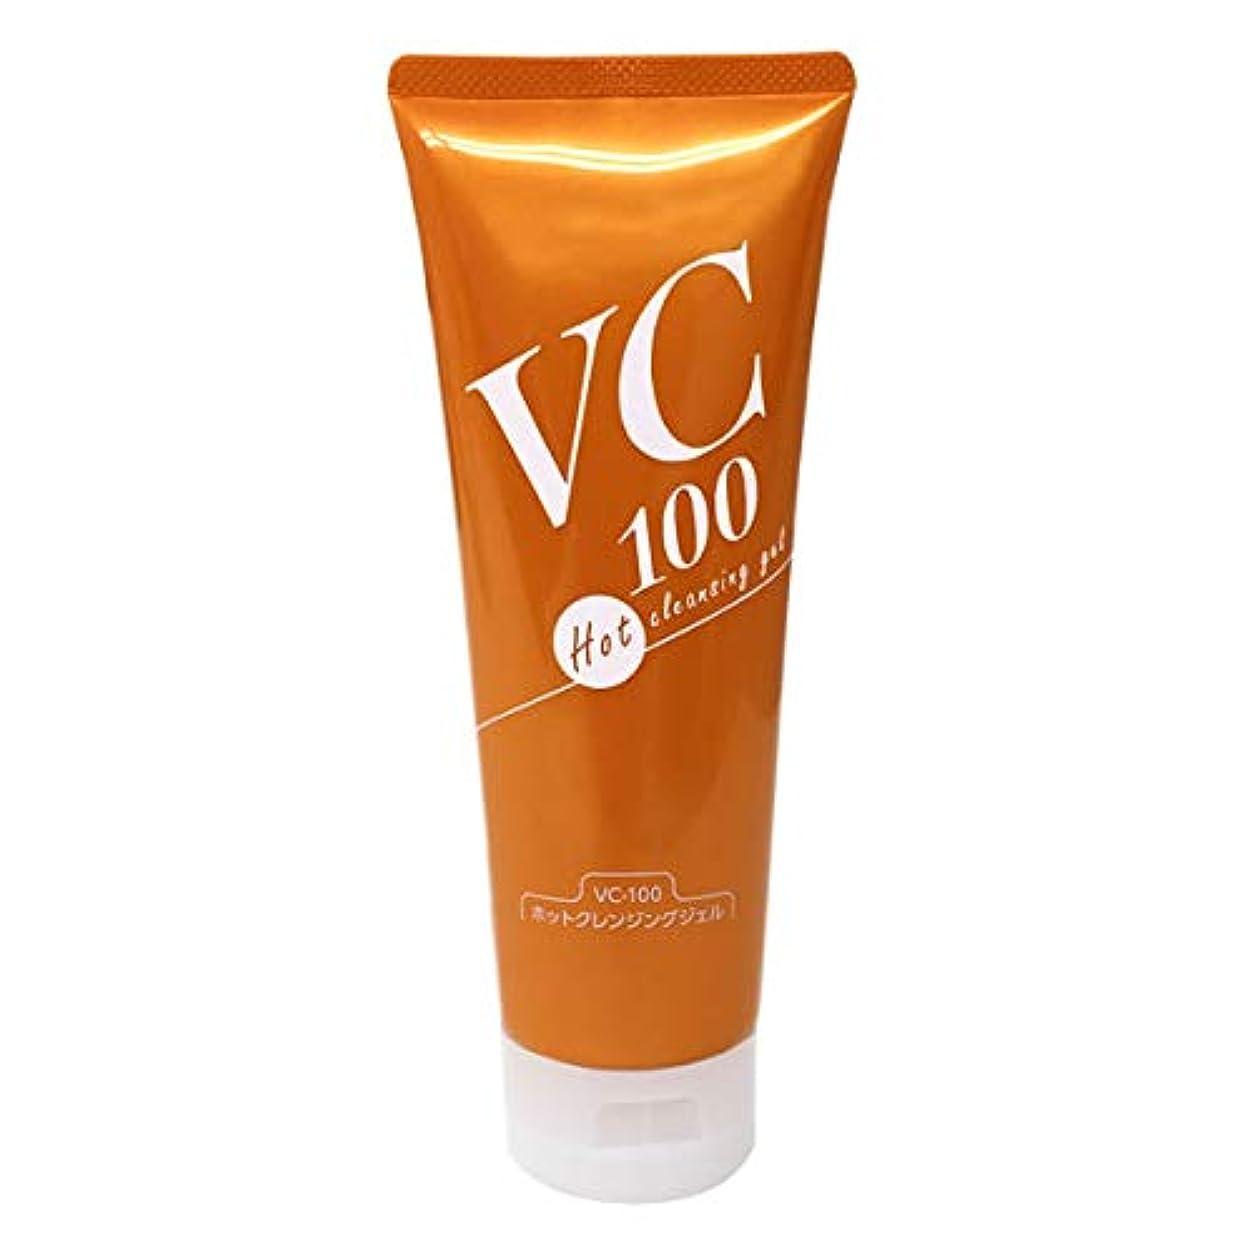 奇跡レスリング株式会社VC-100ホットクレンジングジェル200g 高浸透型ビタミンC誘導体配合温感クレンジングジェル (単体)